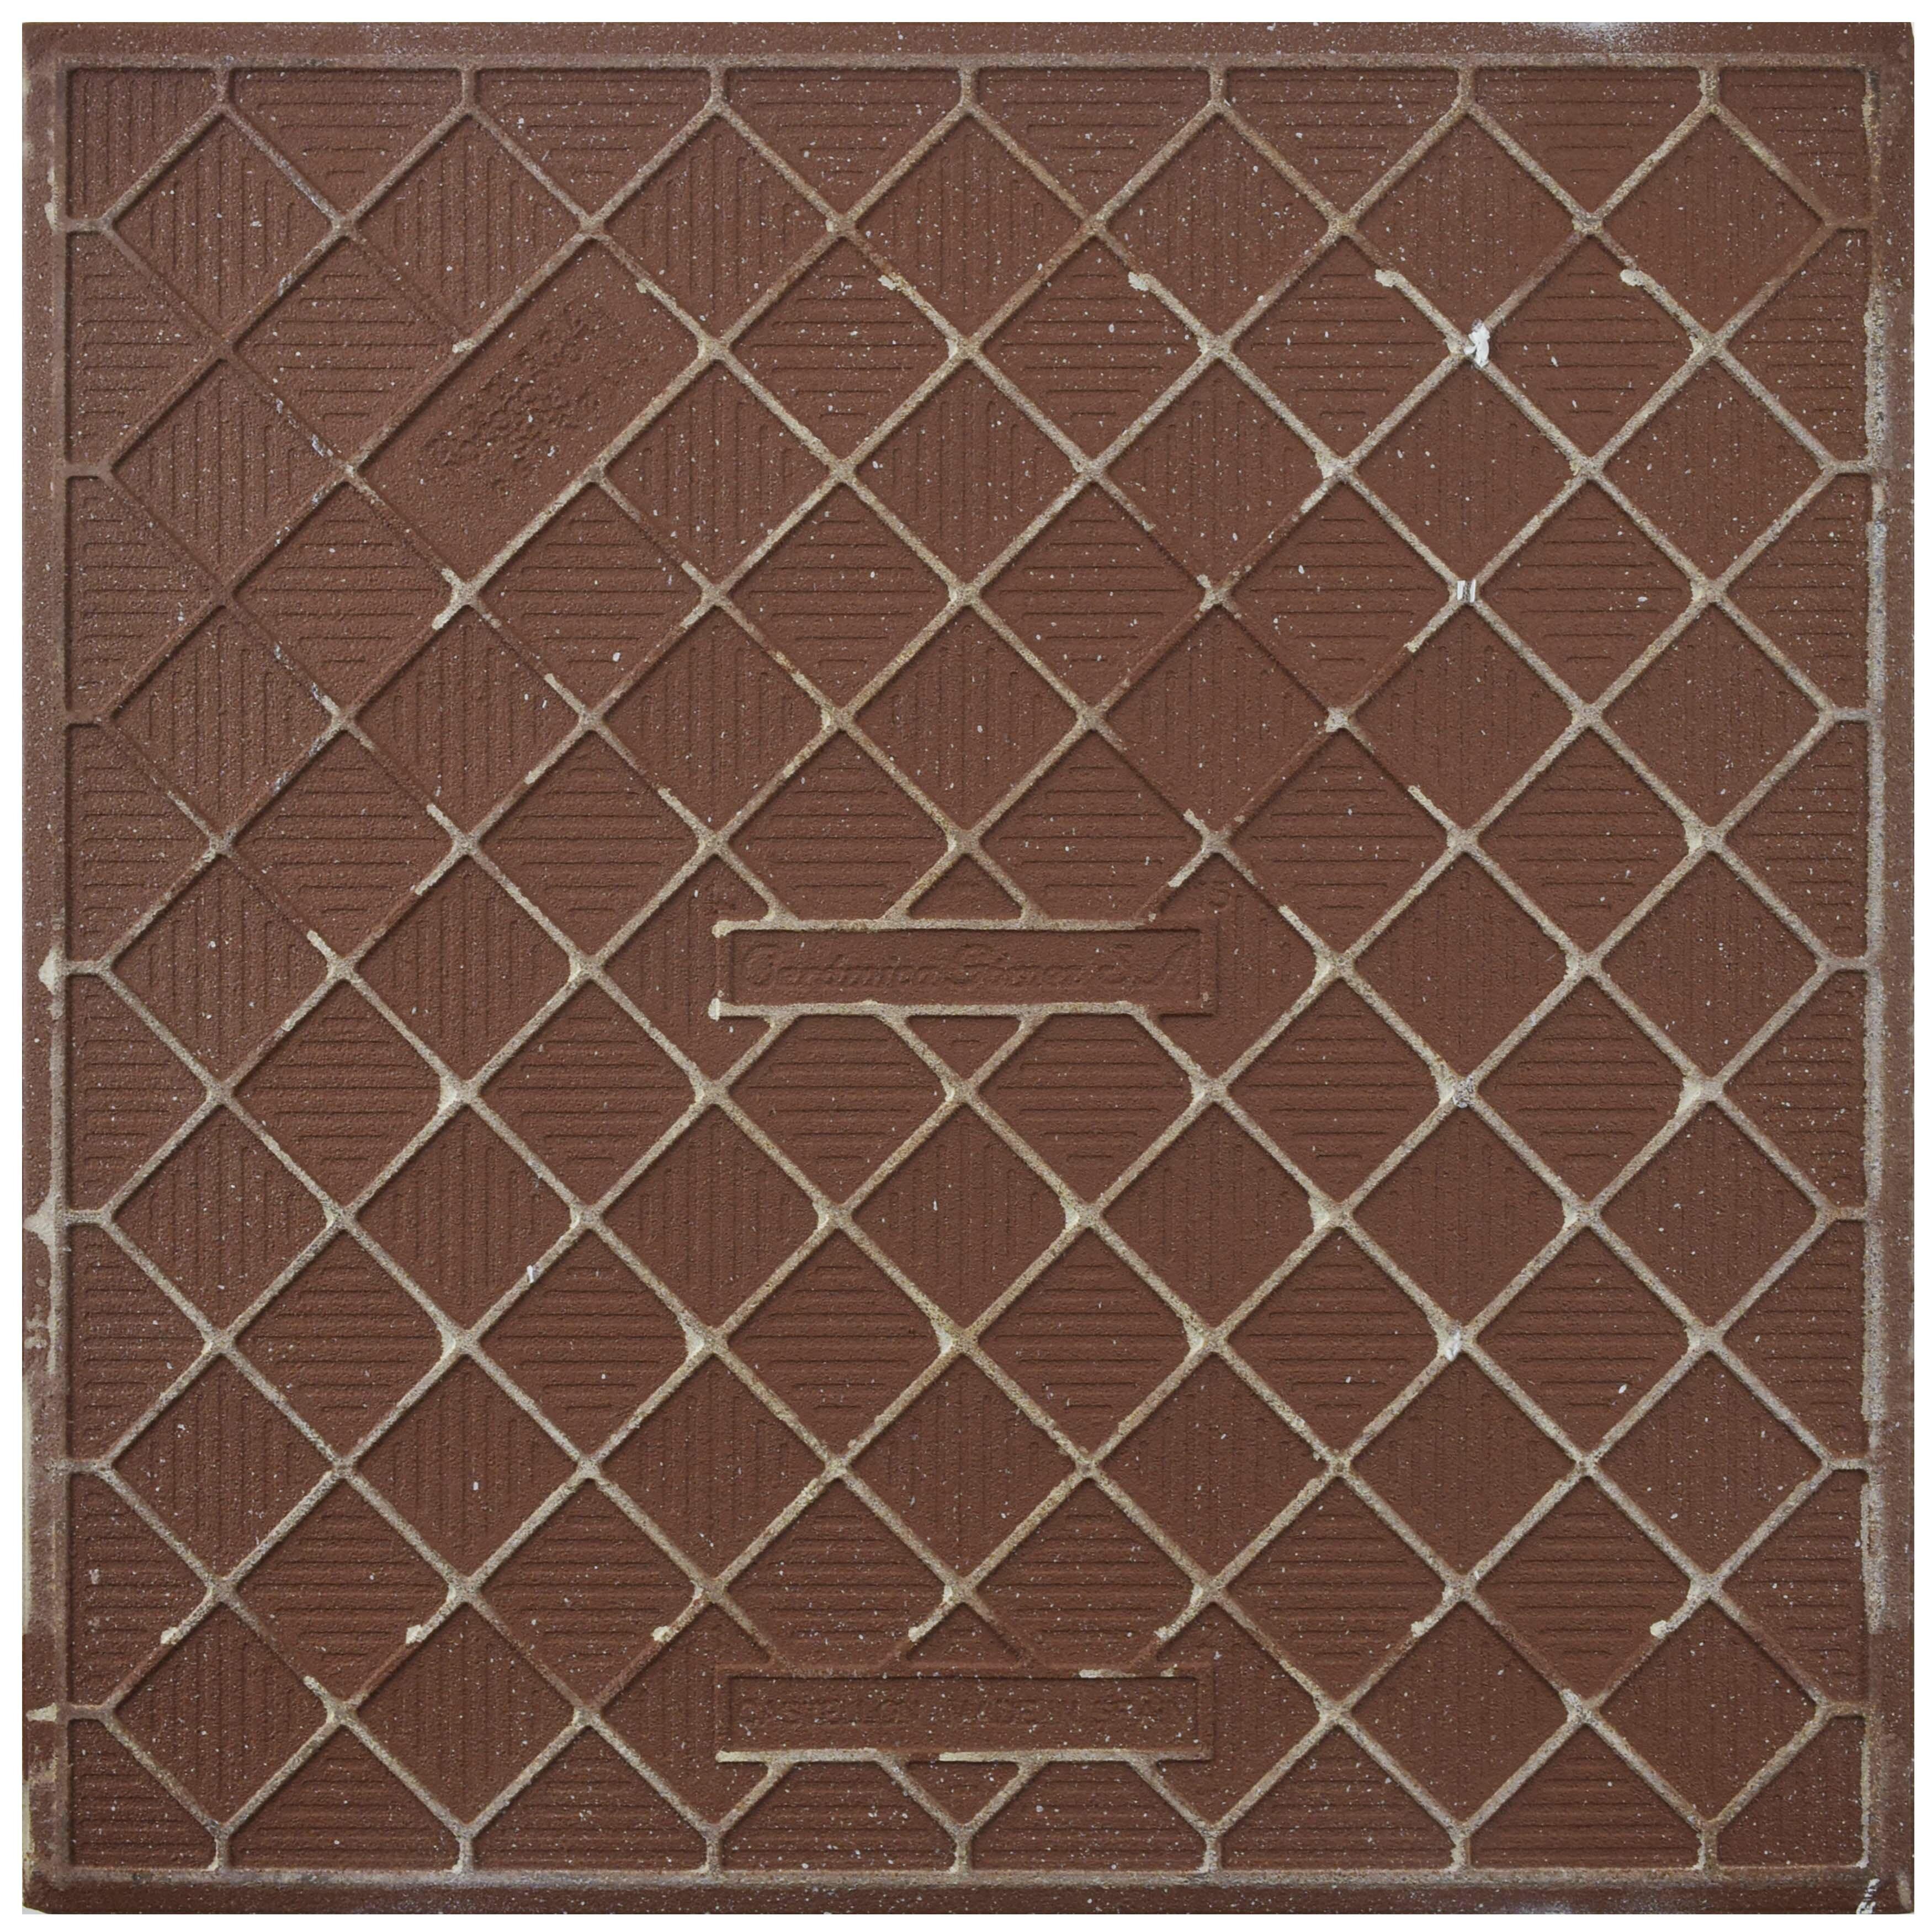 Elitetile majorelle 12 5 x 12 5 ceramic field tile in for 12 ceramic floor tile